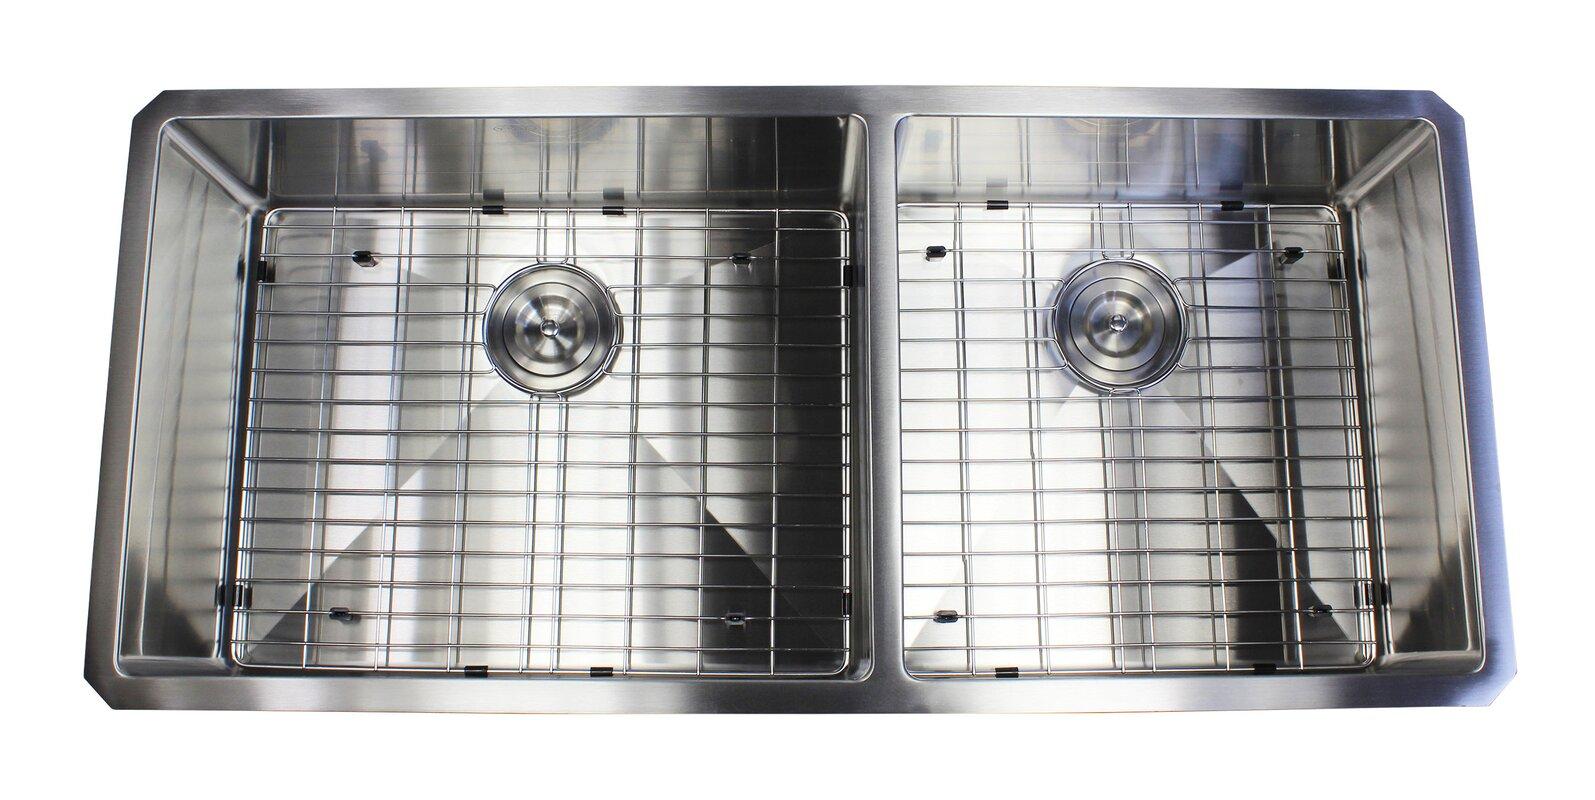 Drain Kitchen Sink Ariel premium stainless steel 42 x 19 double basin undermount ariel premium stainless steel 42 x 19 double basin undermount kitchen sink with sink workwithnaturefo